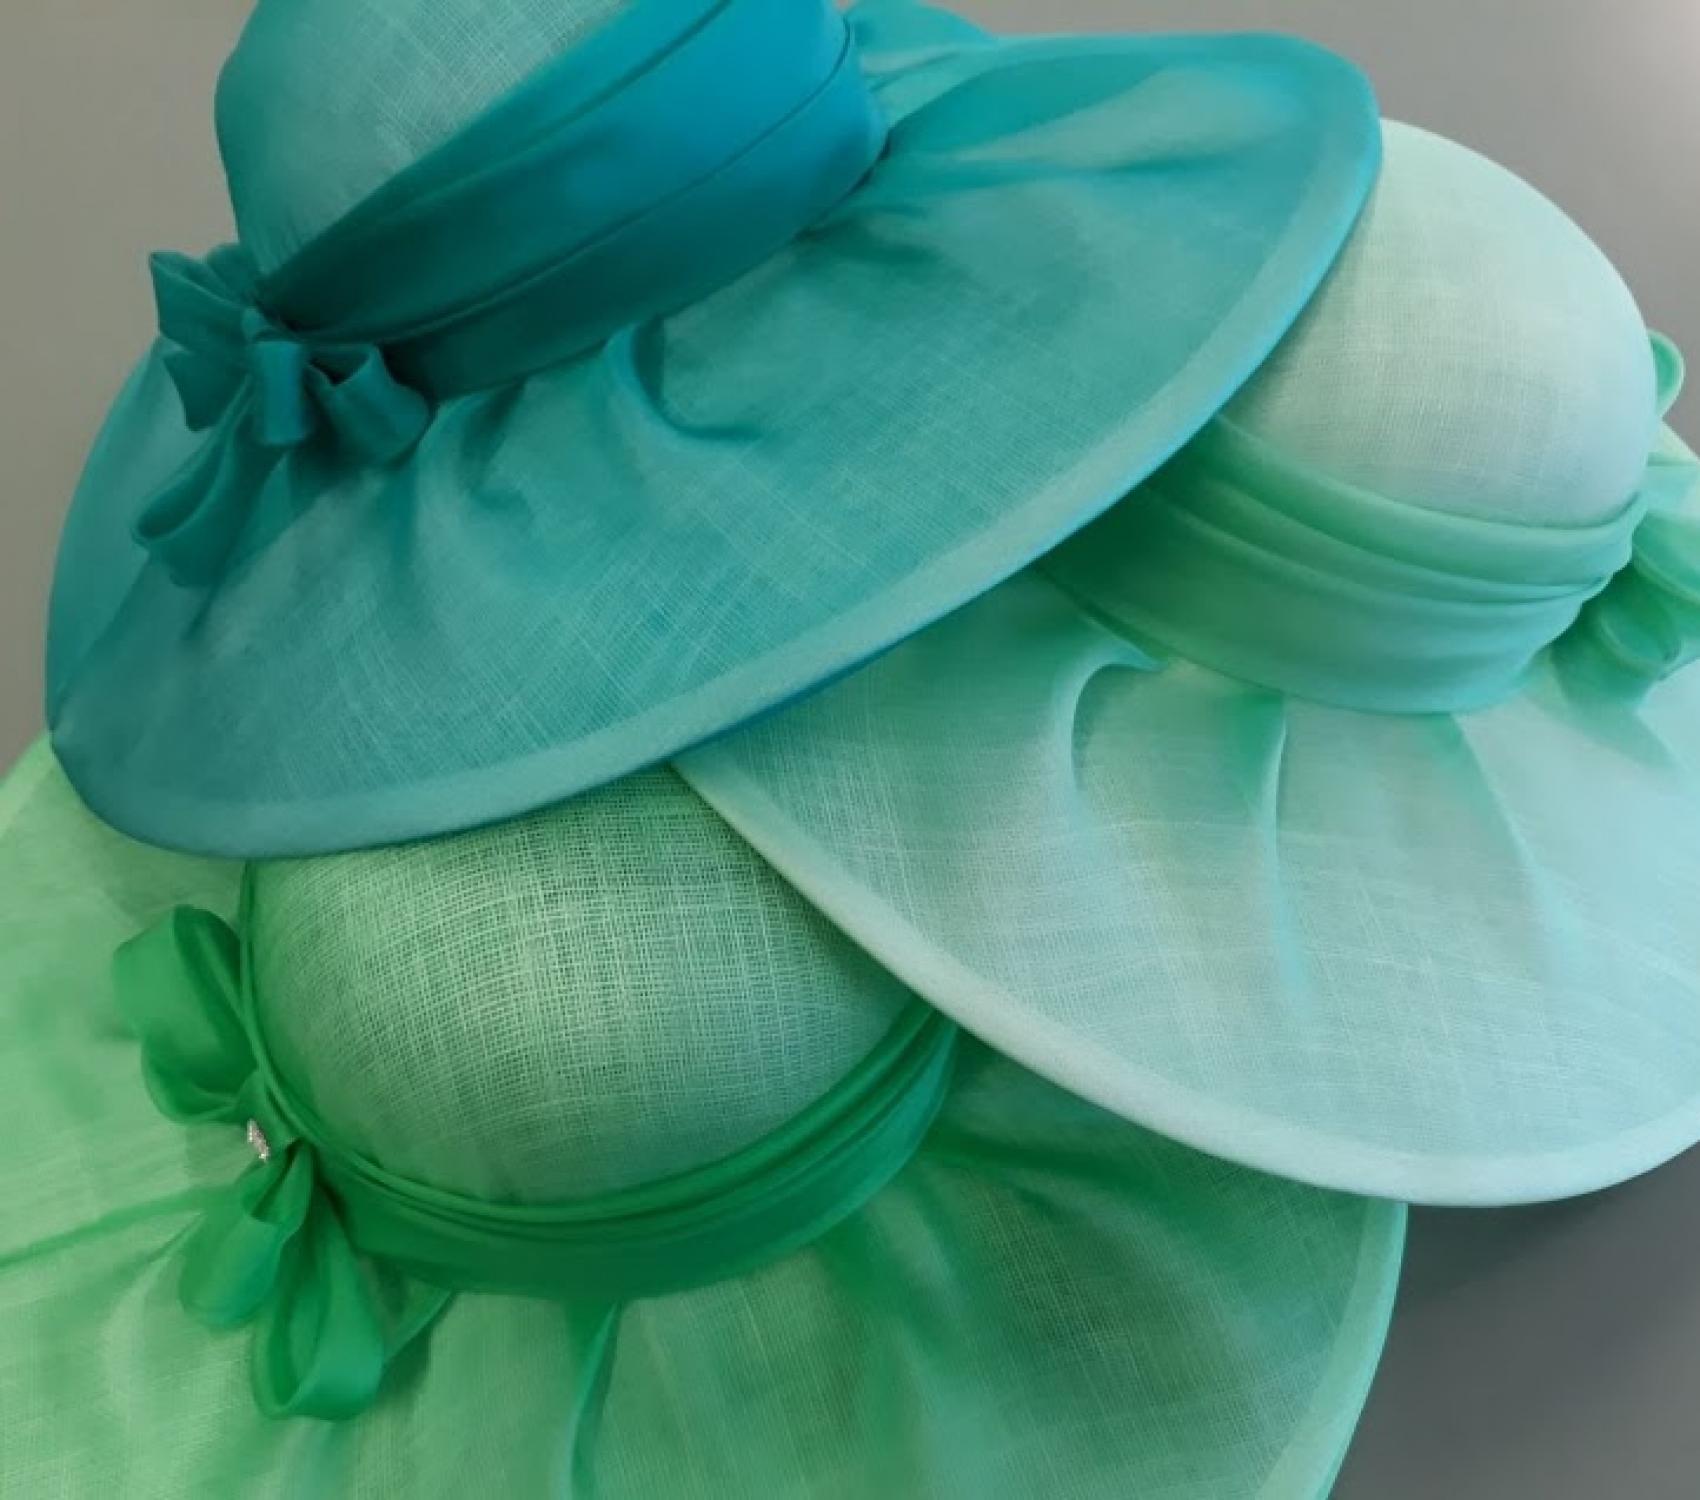 cappelli verdi